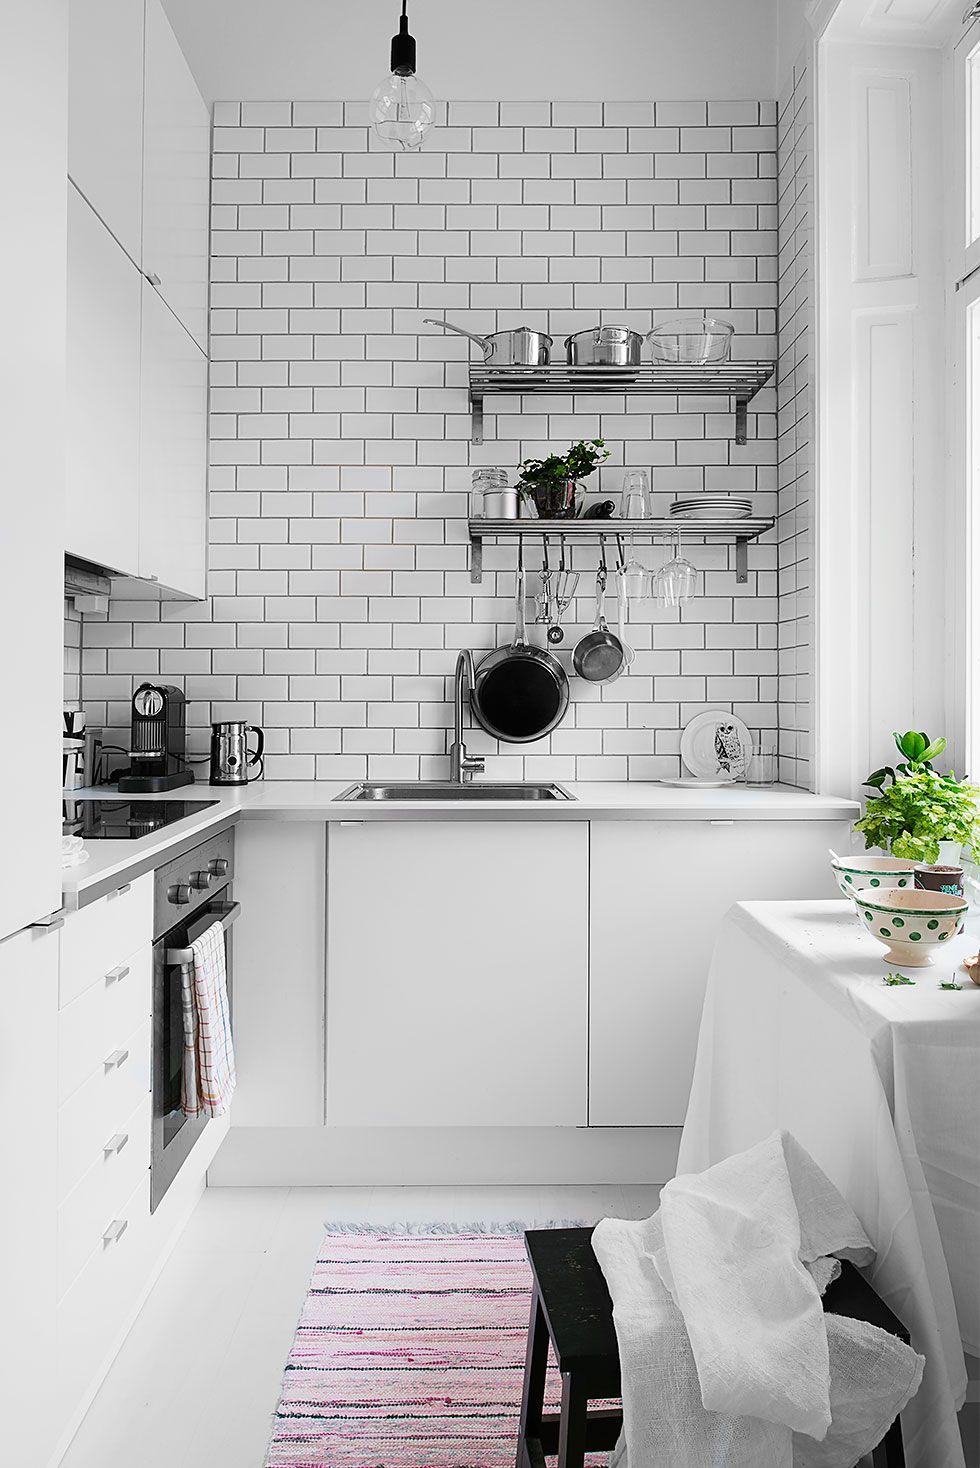 White kitchen in studio apartment   FUTURE DAYTON   Pinterest ...